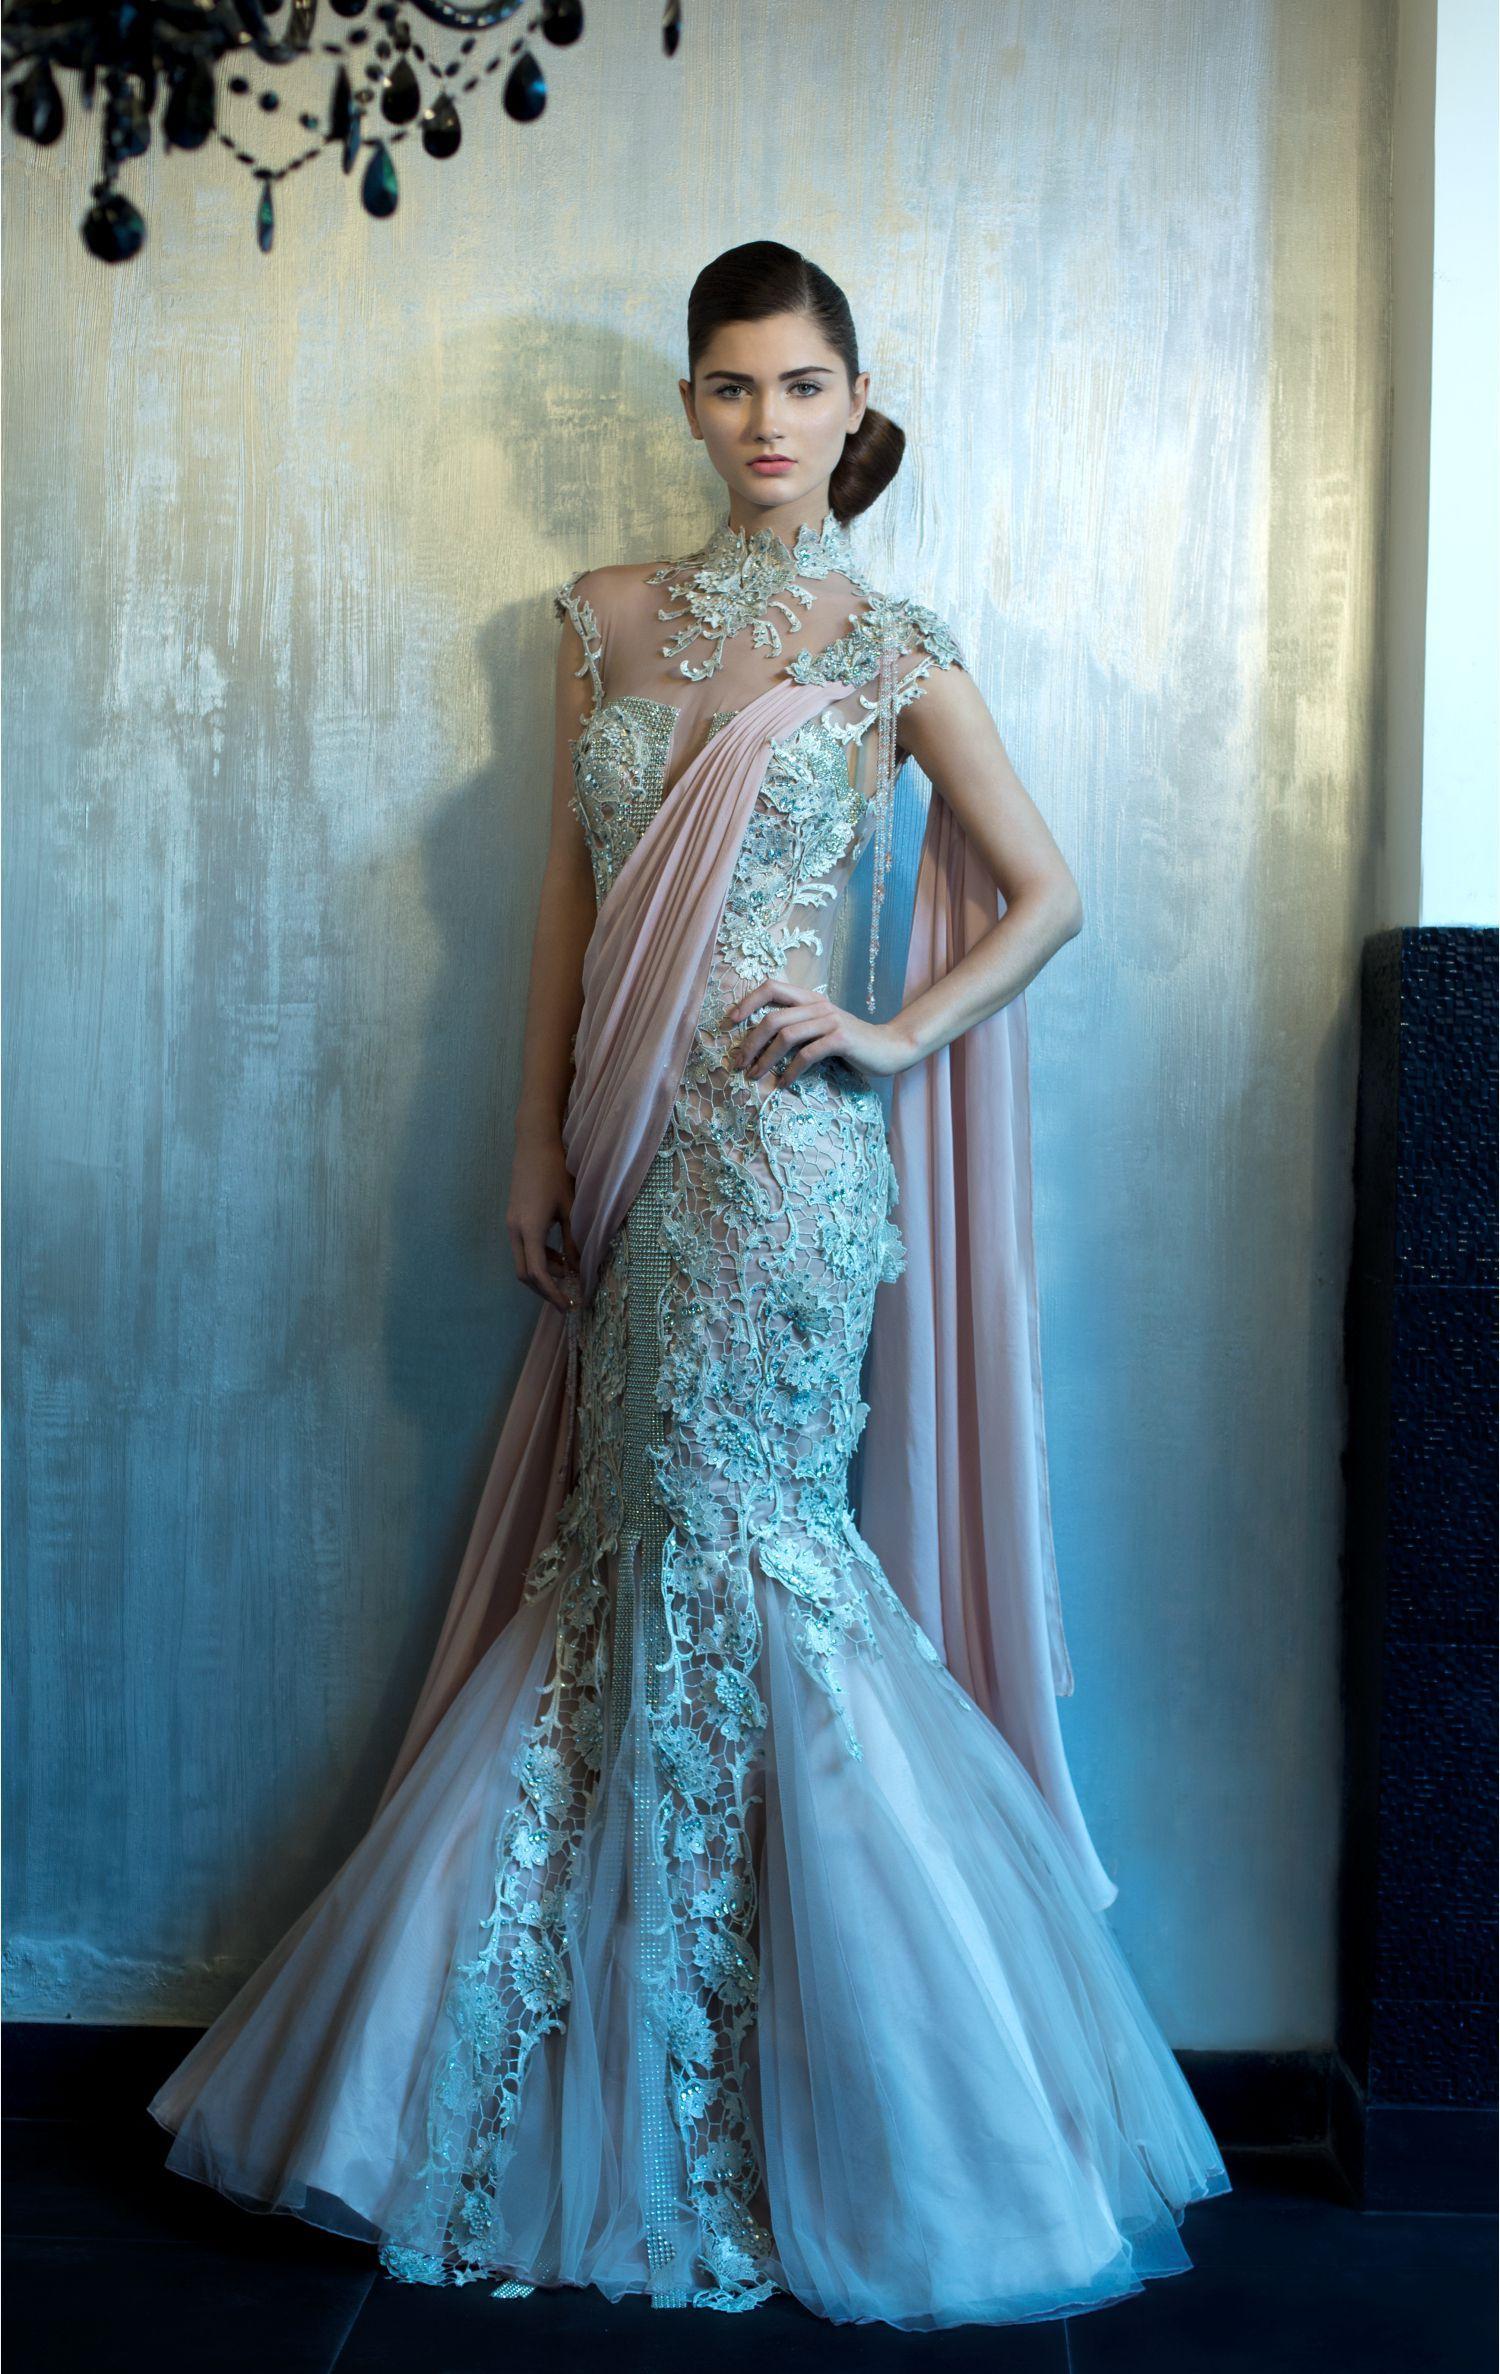 Elisha W #Wedding #Gown. | fashion 3 | Pinterest | Gowns and Fashion